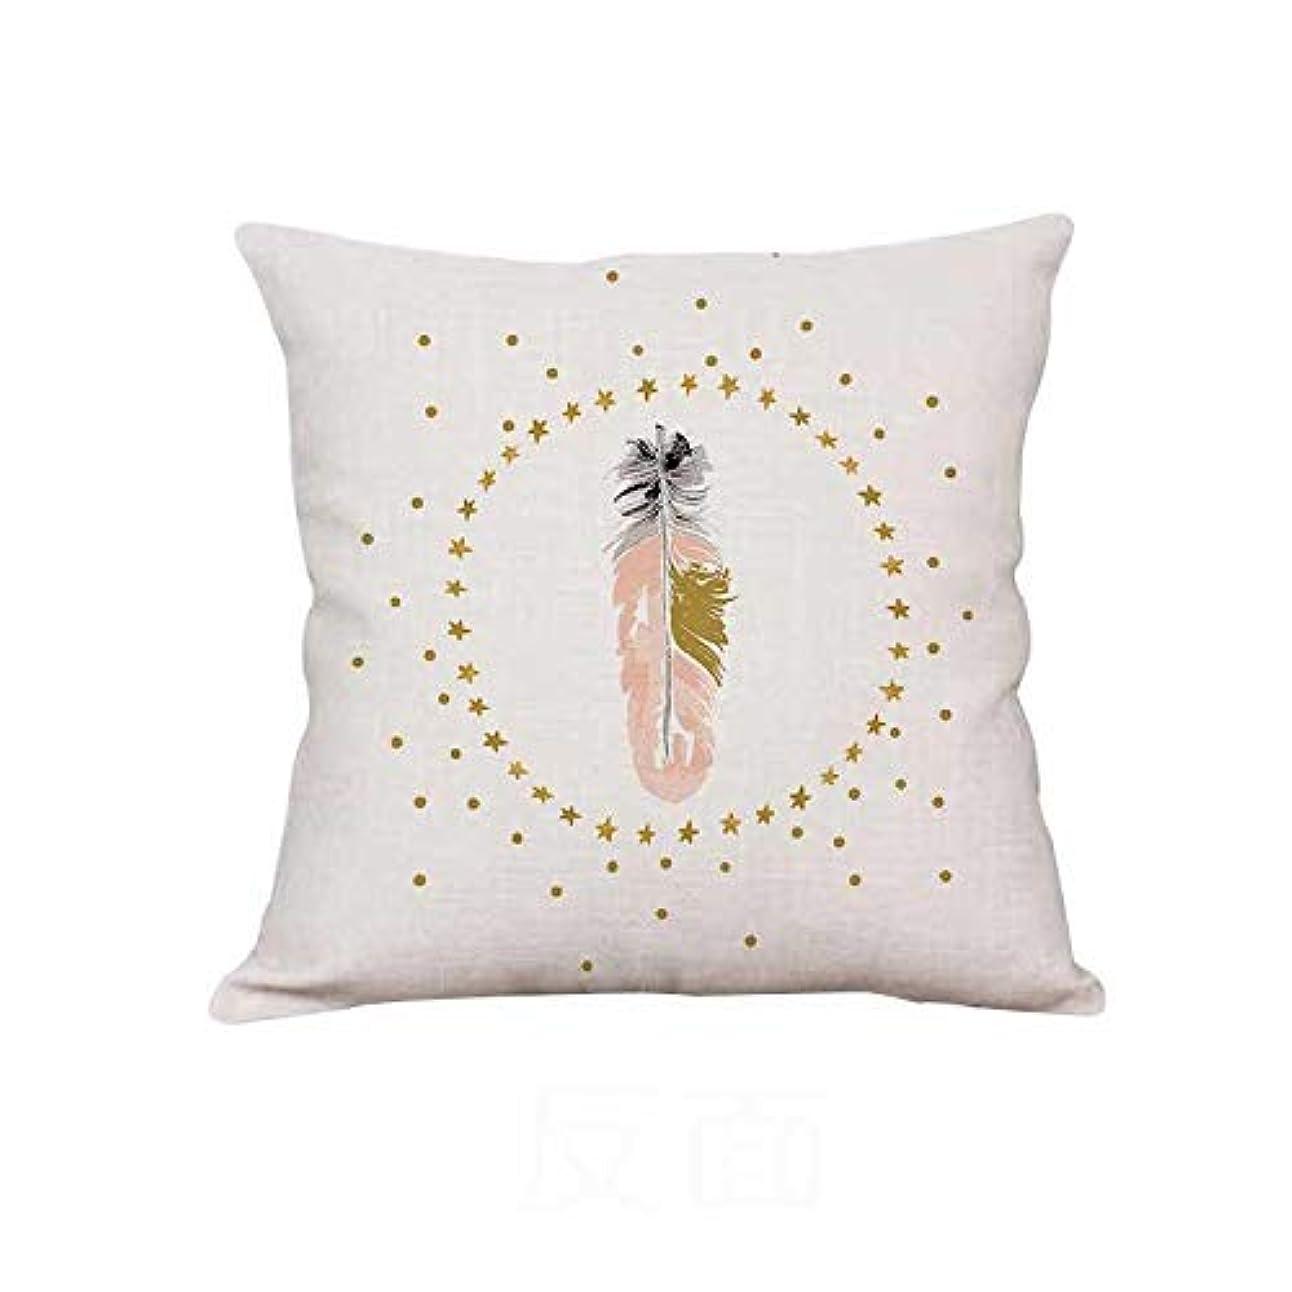 関連する小包誠実さLIFE 新しいぬいぐるみピンクフラミンゴクッションガチョウの羽風船幾何北欧家の装飾ソファスロー枕用女の子ルーム装飾 クッション 椅子